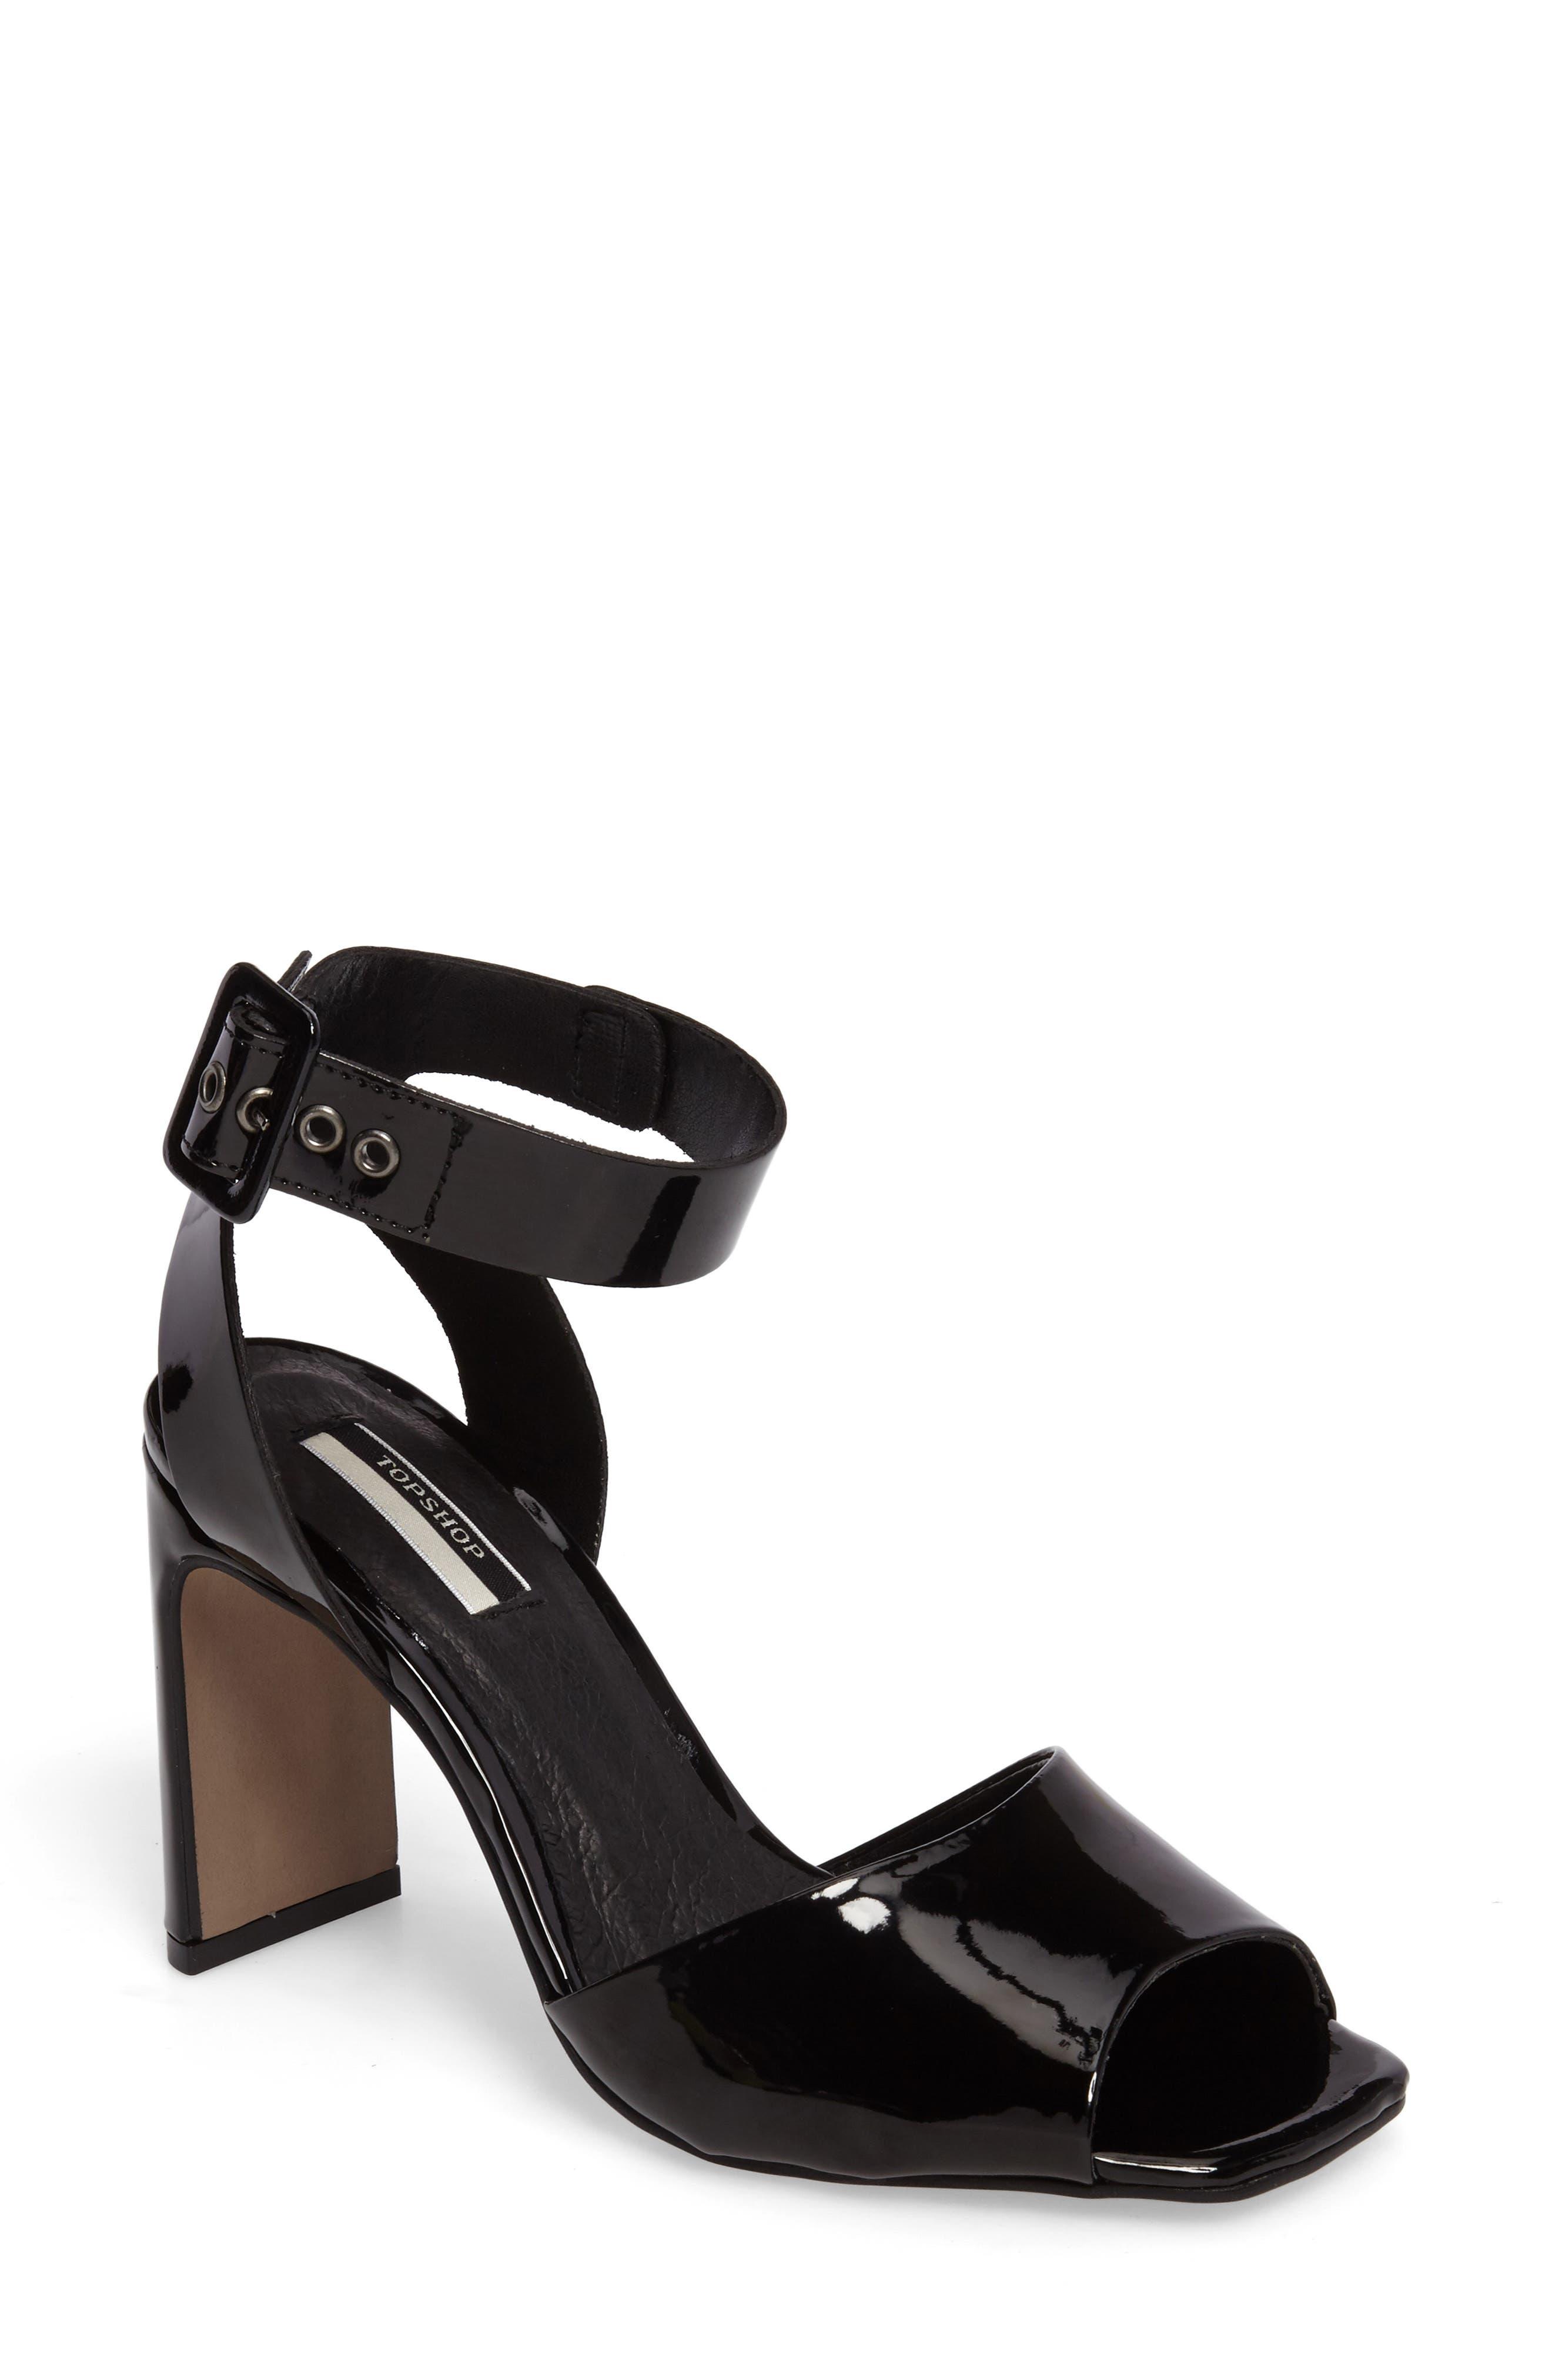 Roux Square Toe Sandal,                         Main,                         color, Black